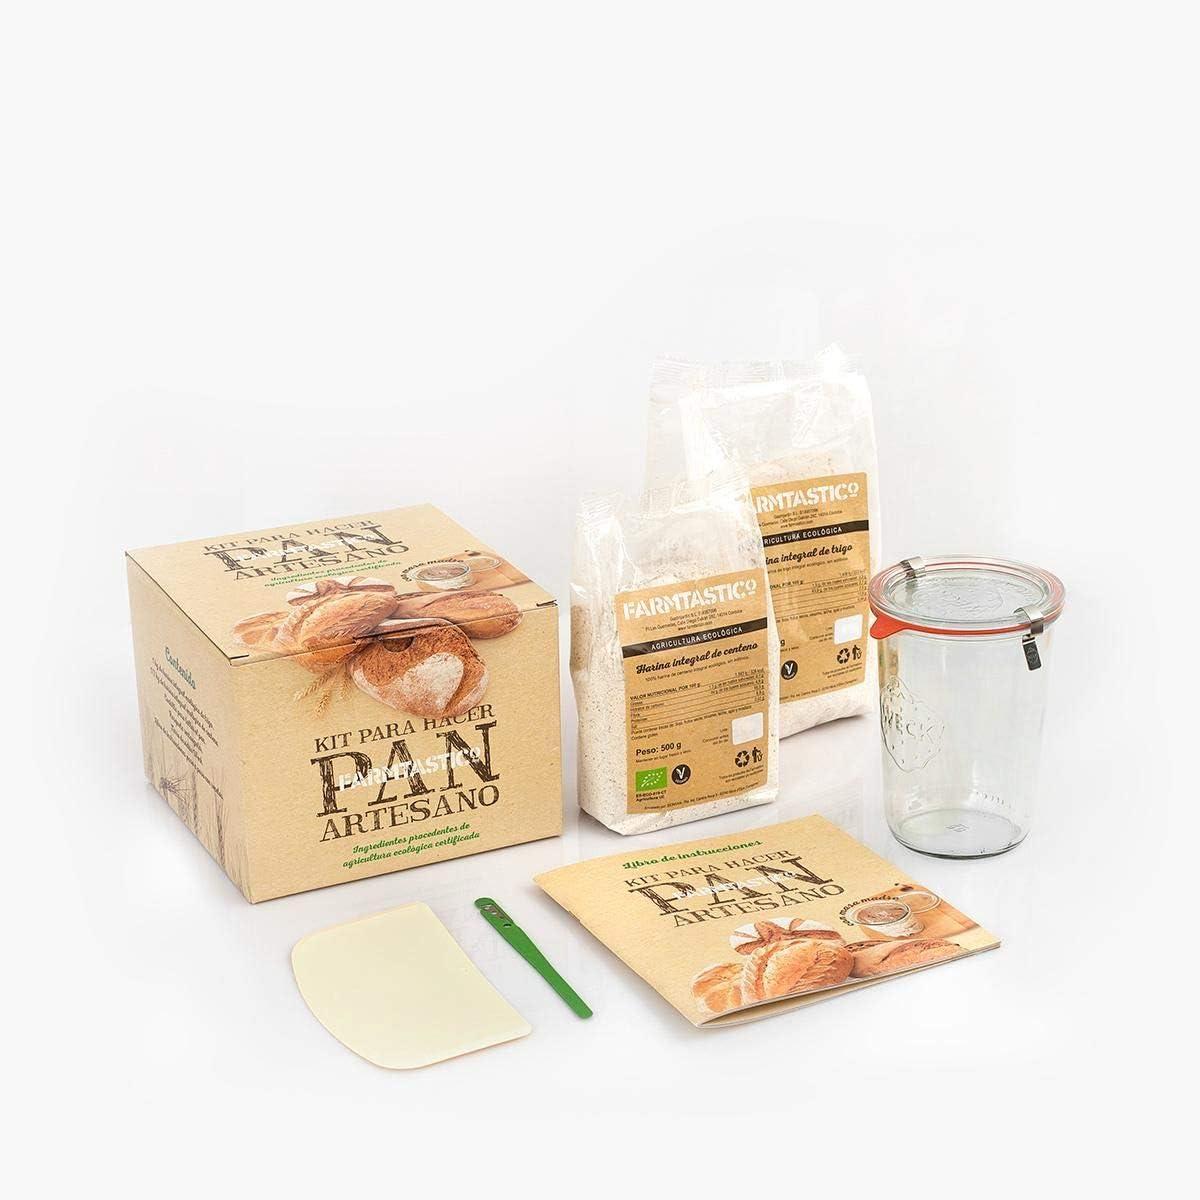 Farmtastico - Kit Para Hacer Pan Ecológico Farmtastico Con Masa Madre - -5% En Libros: Amazon.es: Alimentación y bebidas